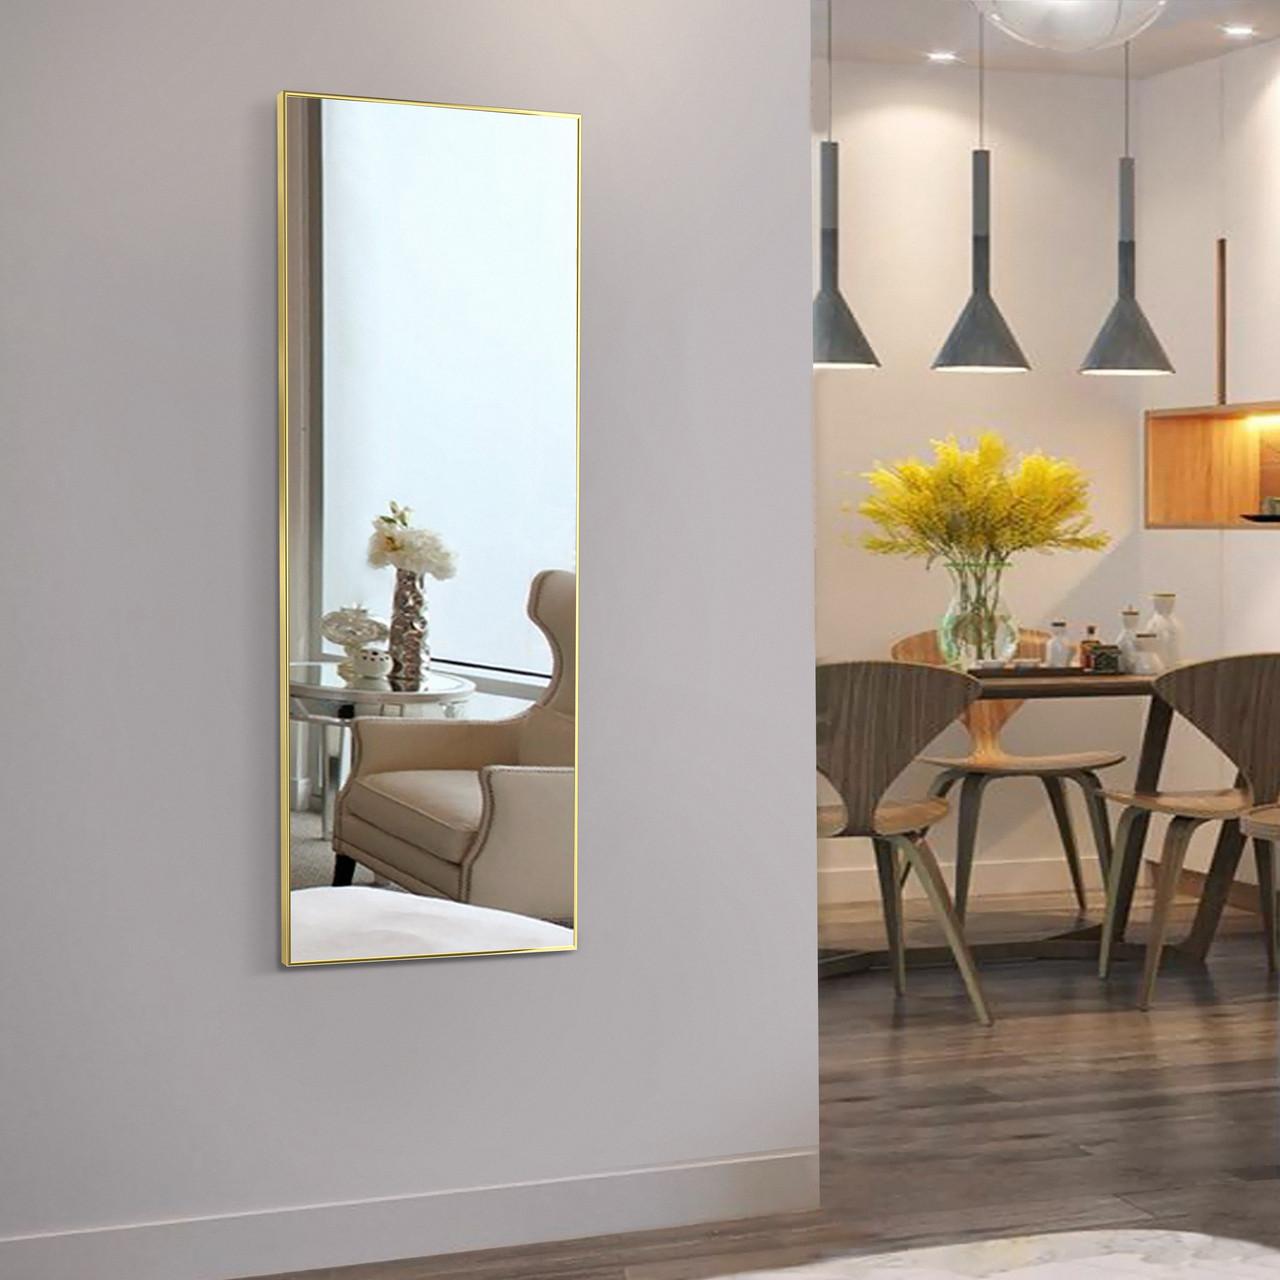 Зеркало в раме из алюминиевого профиля 1200х600 мм золотого цвета пр. Украина